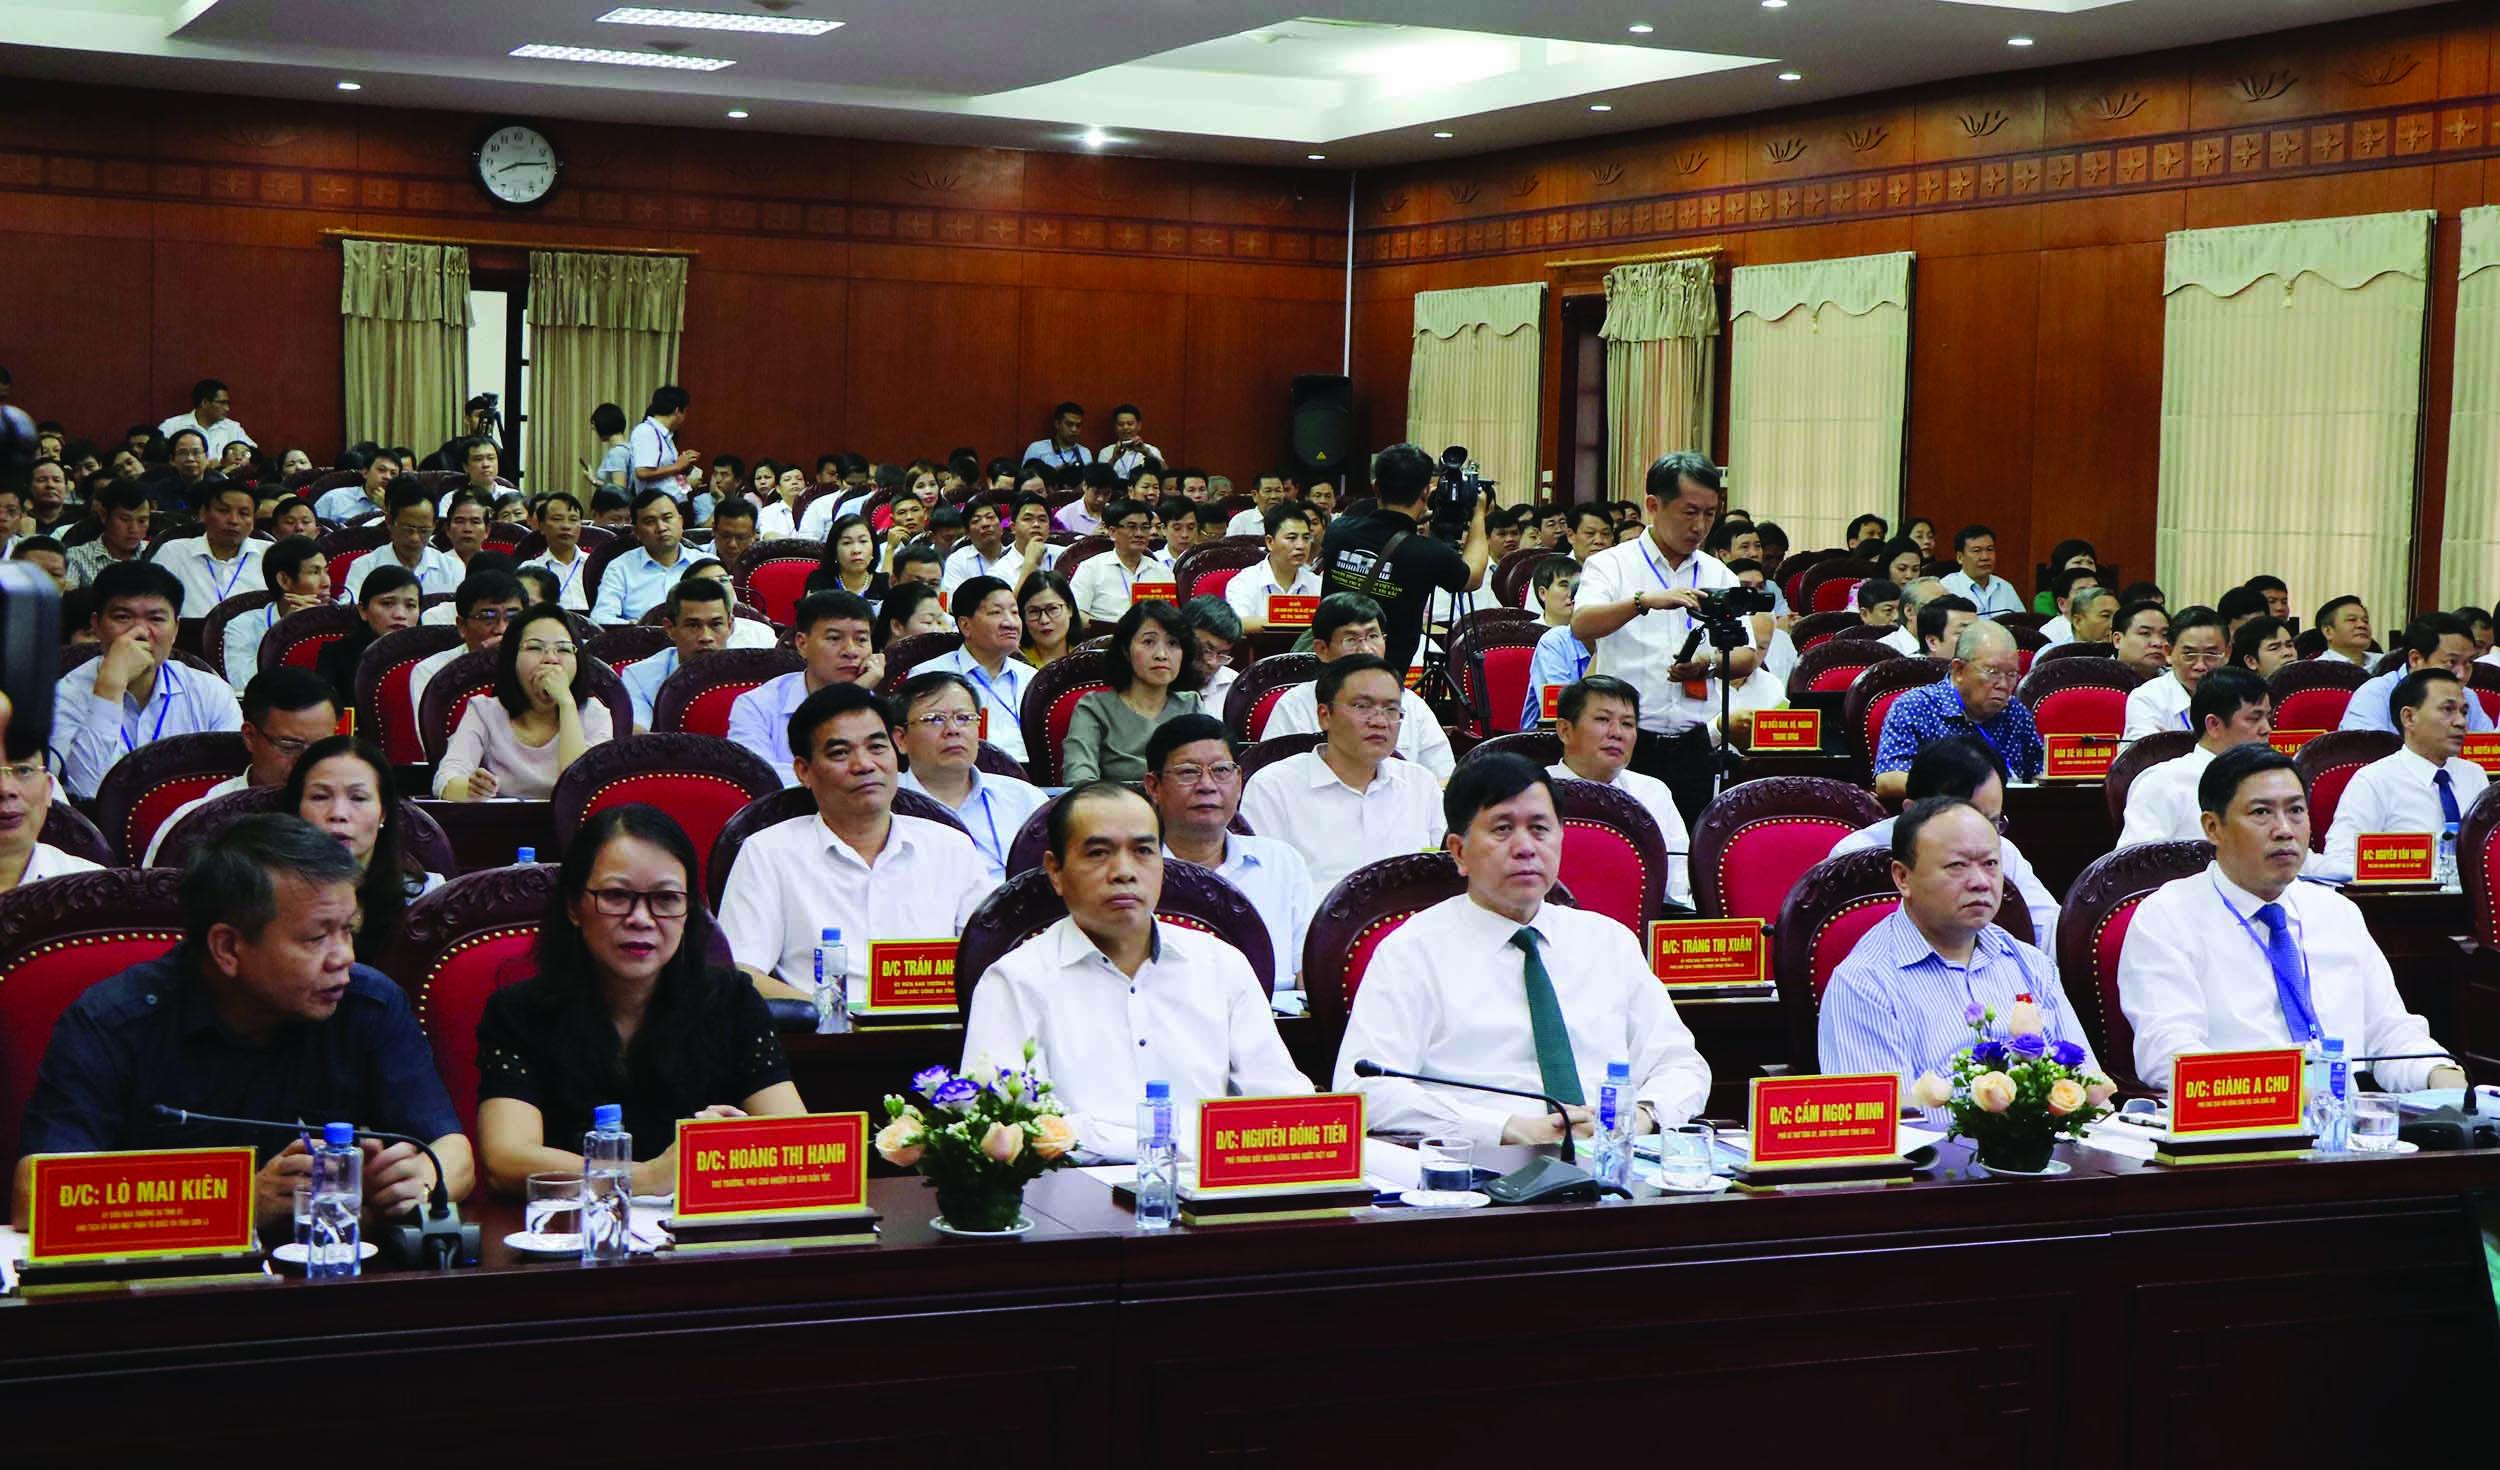 Bà Hoàng Thị Hạnh, Thứ trưởng, Phó Chủ nhiệm Ủy ban Dân tộc cùng các đại biểu tham dự Hội thảo.